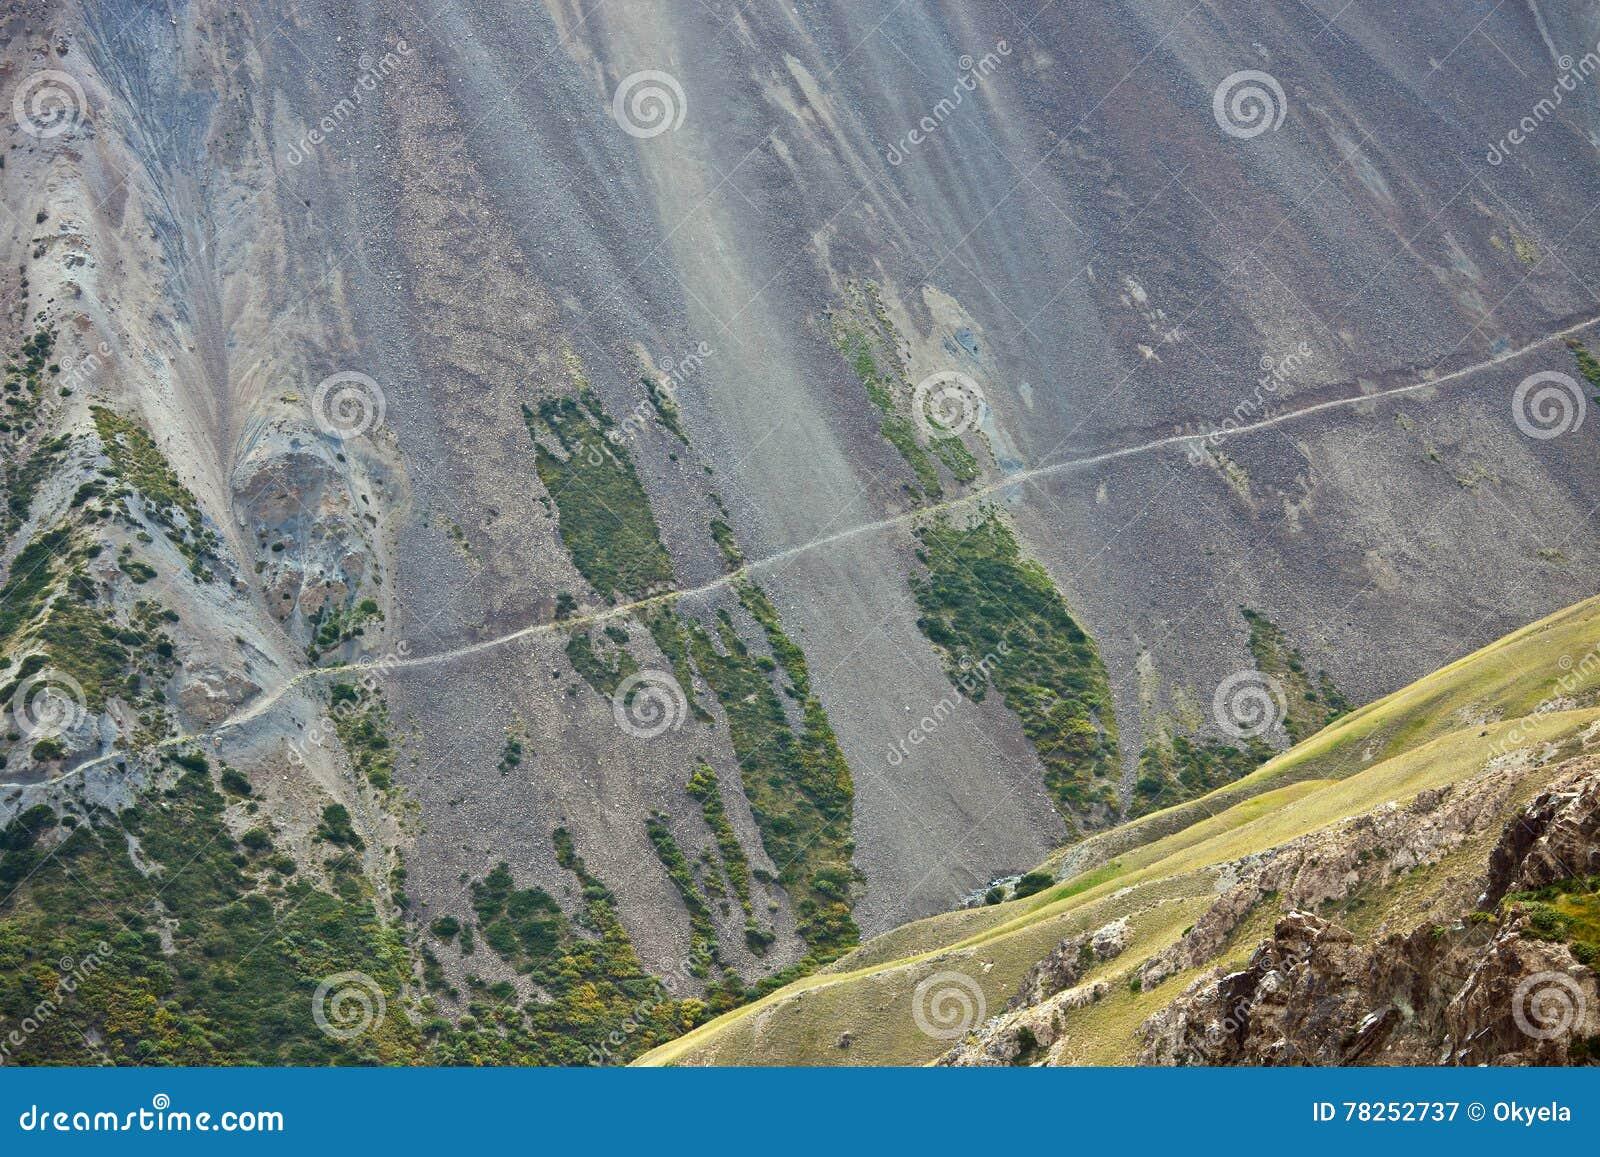 Παλαιός εγκαταλειμμένος δρόμος κατά μήκος μιας απότομης βουνοπλαγιάς με τους δύσκολους βράχους σε λόφο